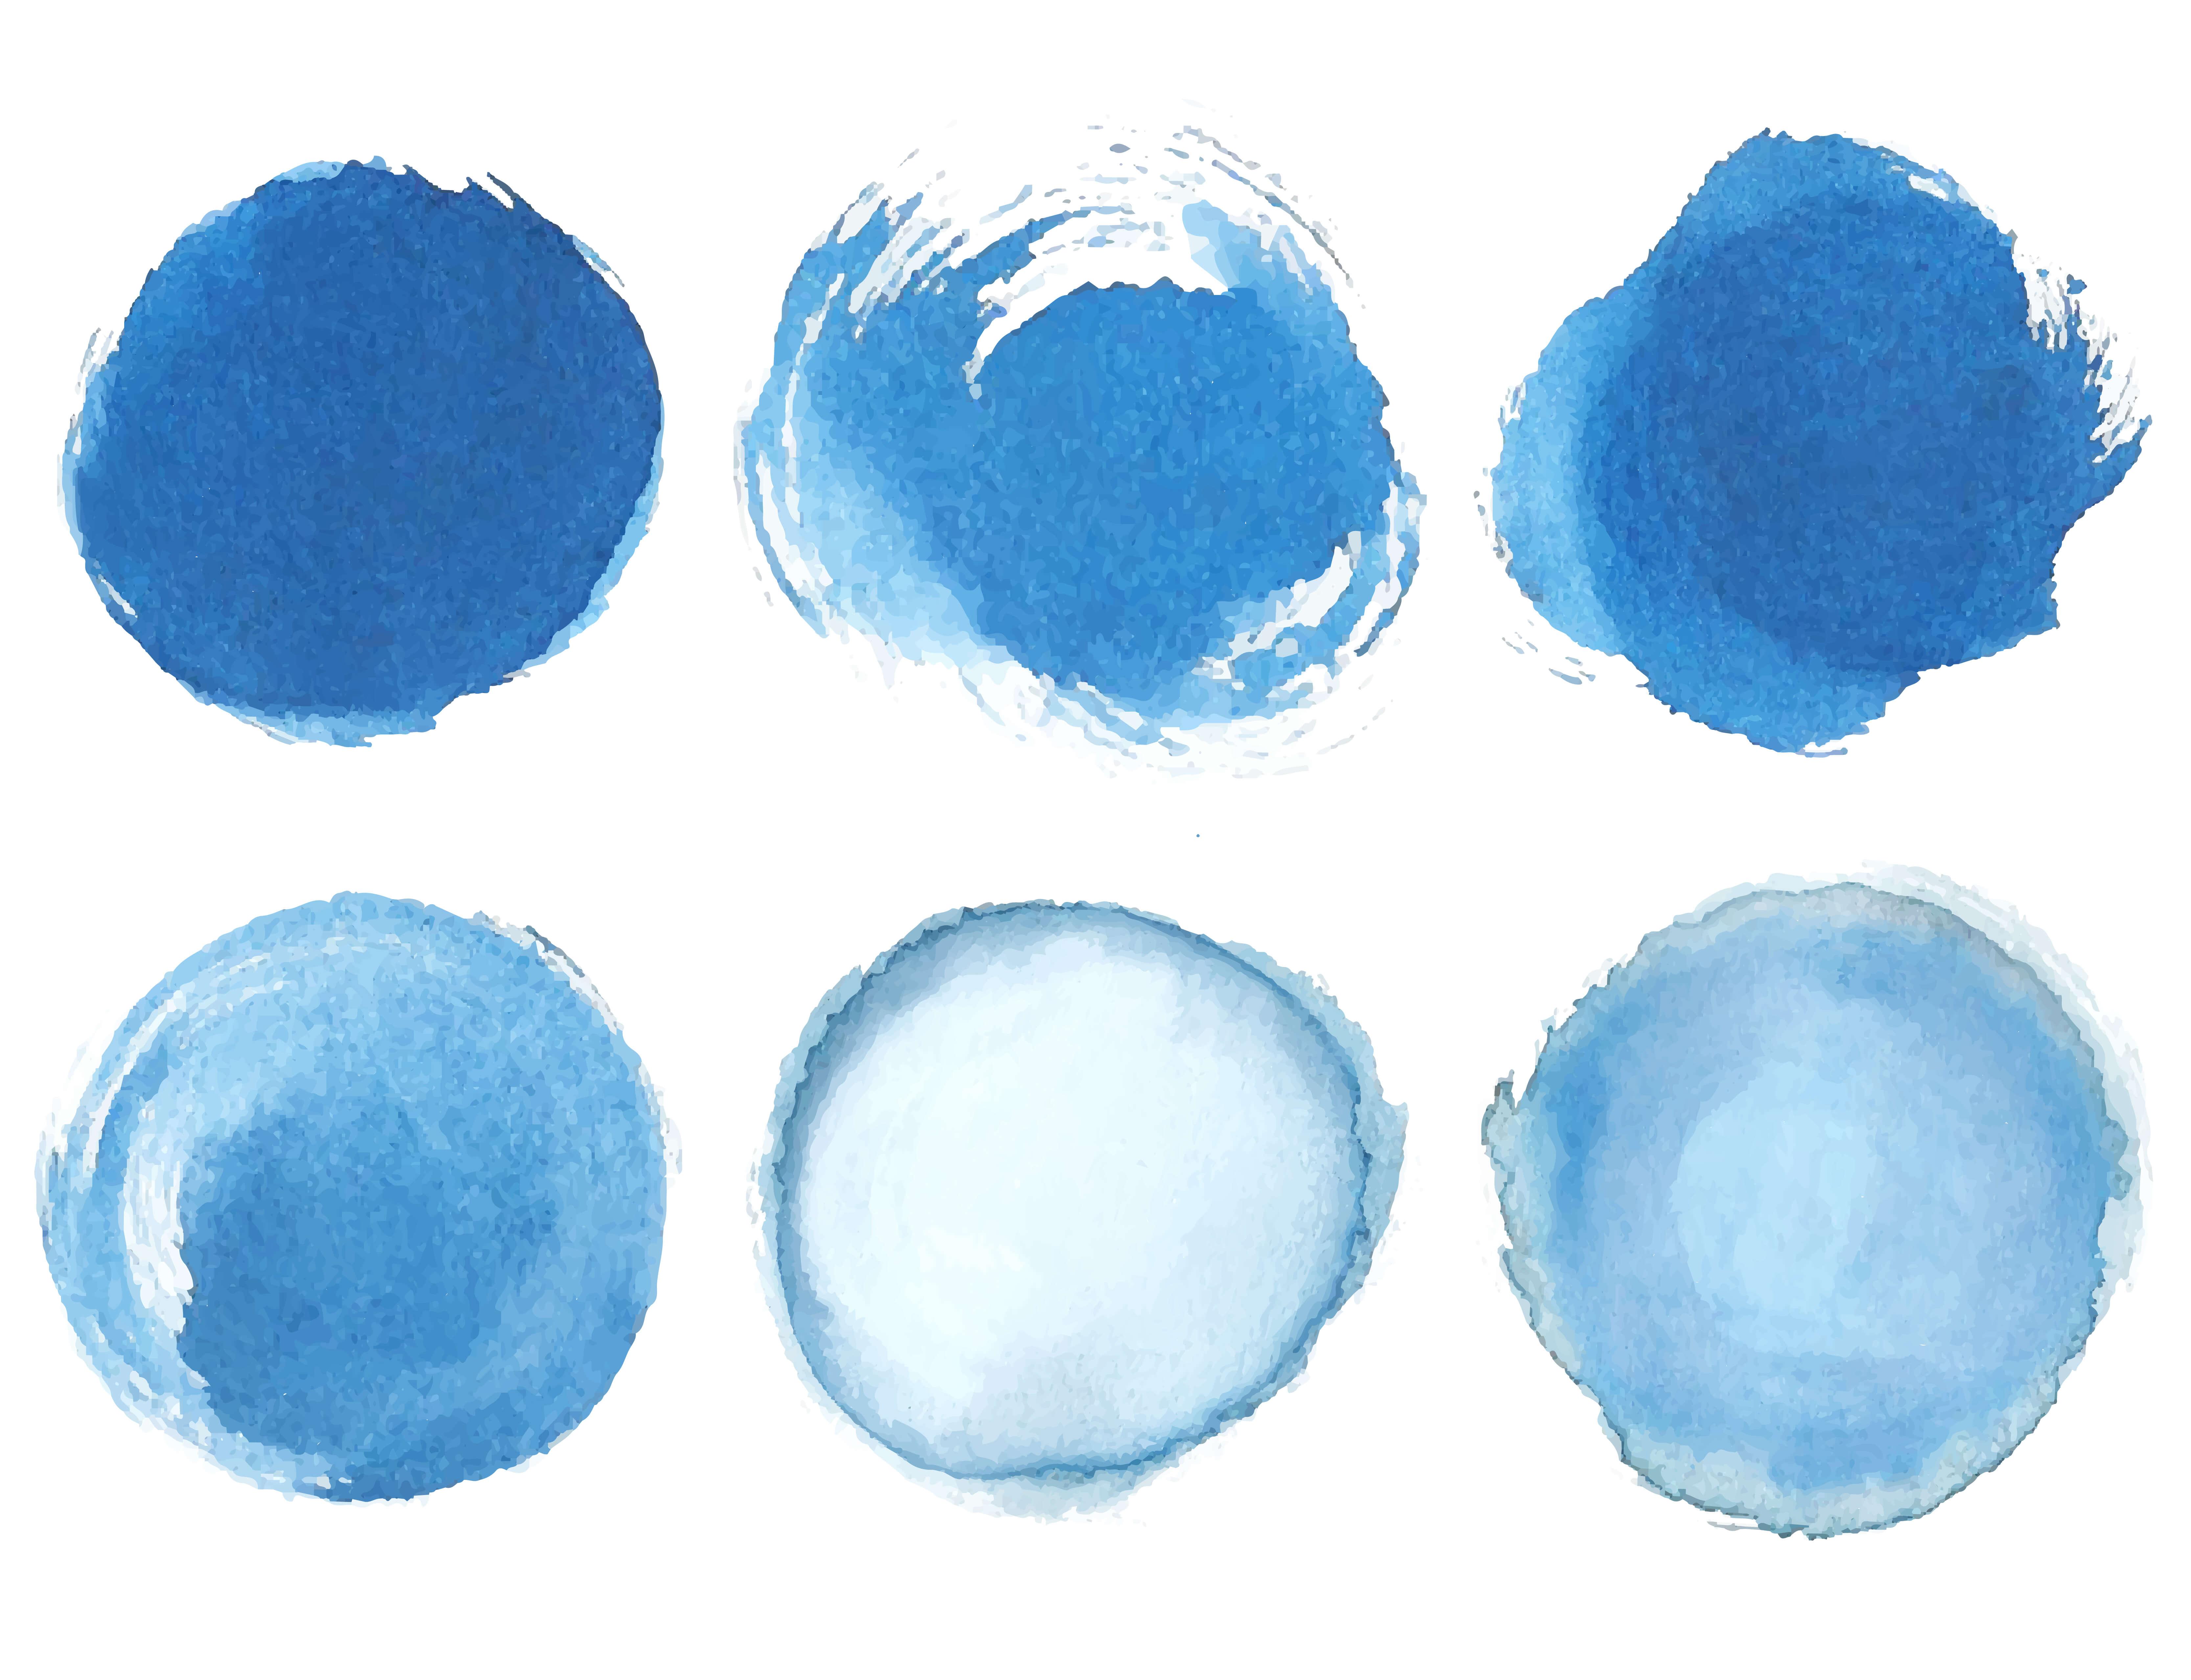 blue watercolor circles - cut an image into a circle